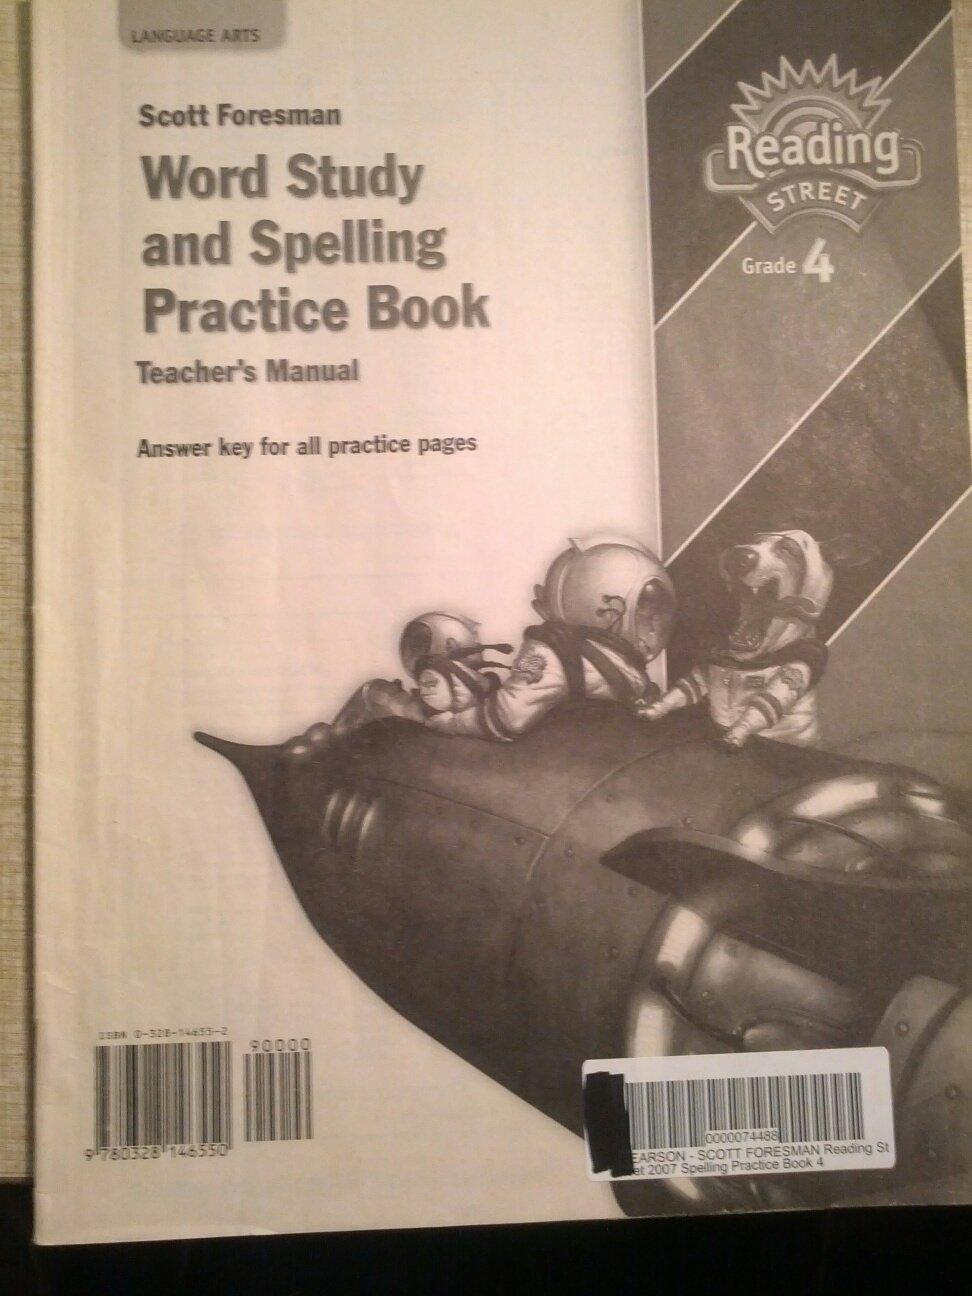 Spelling practice book teachers manual grade 4 scott foresman spelling practice book teachers manual grade 4 scott foresman reading street 9780328146550 amazon books fandeluxe Images